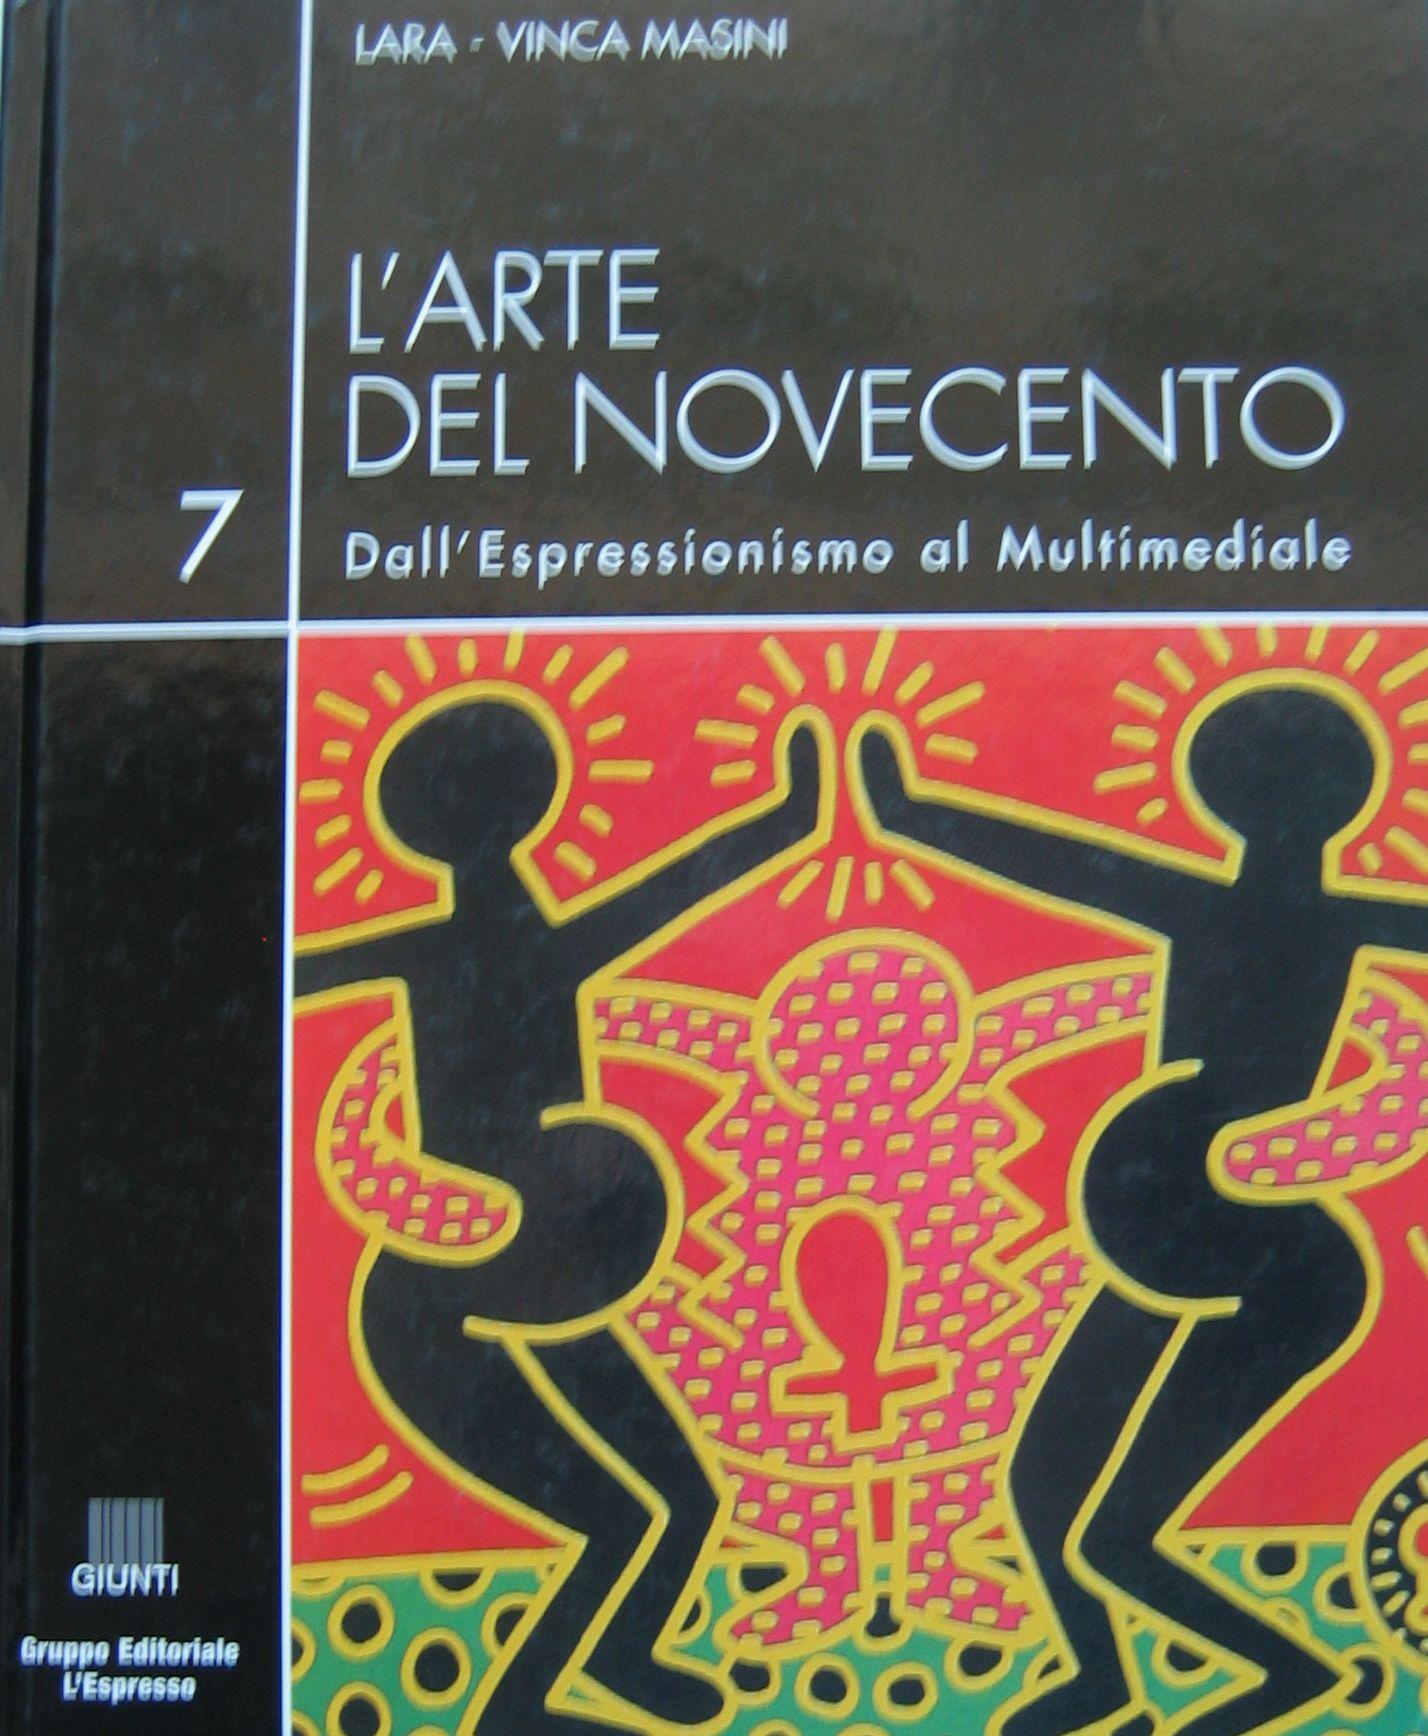 L'arte del Novecento dall'Espresssionismo al Multimediale 2003 testo Lara vinca Masini  gruppo Editoriale l'espresso Giunti